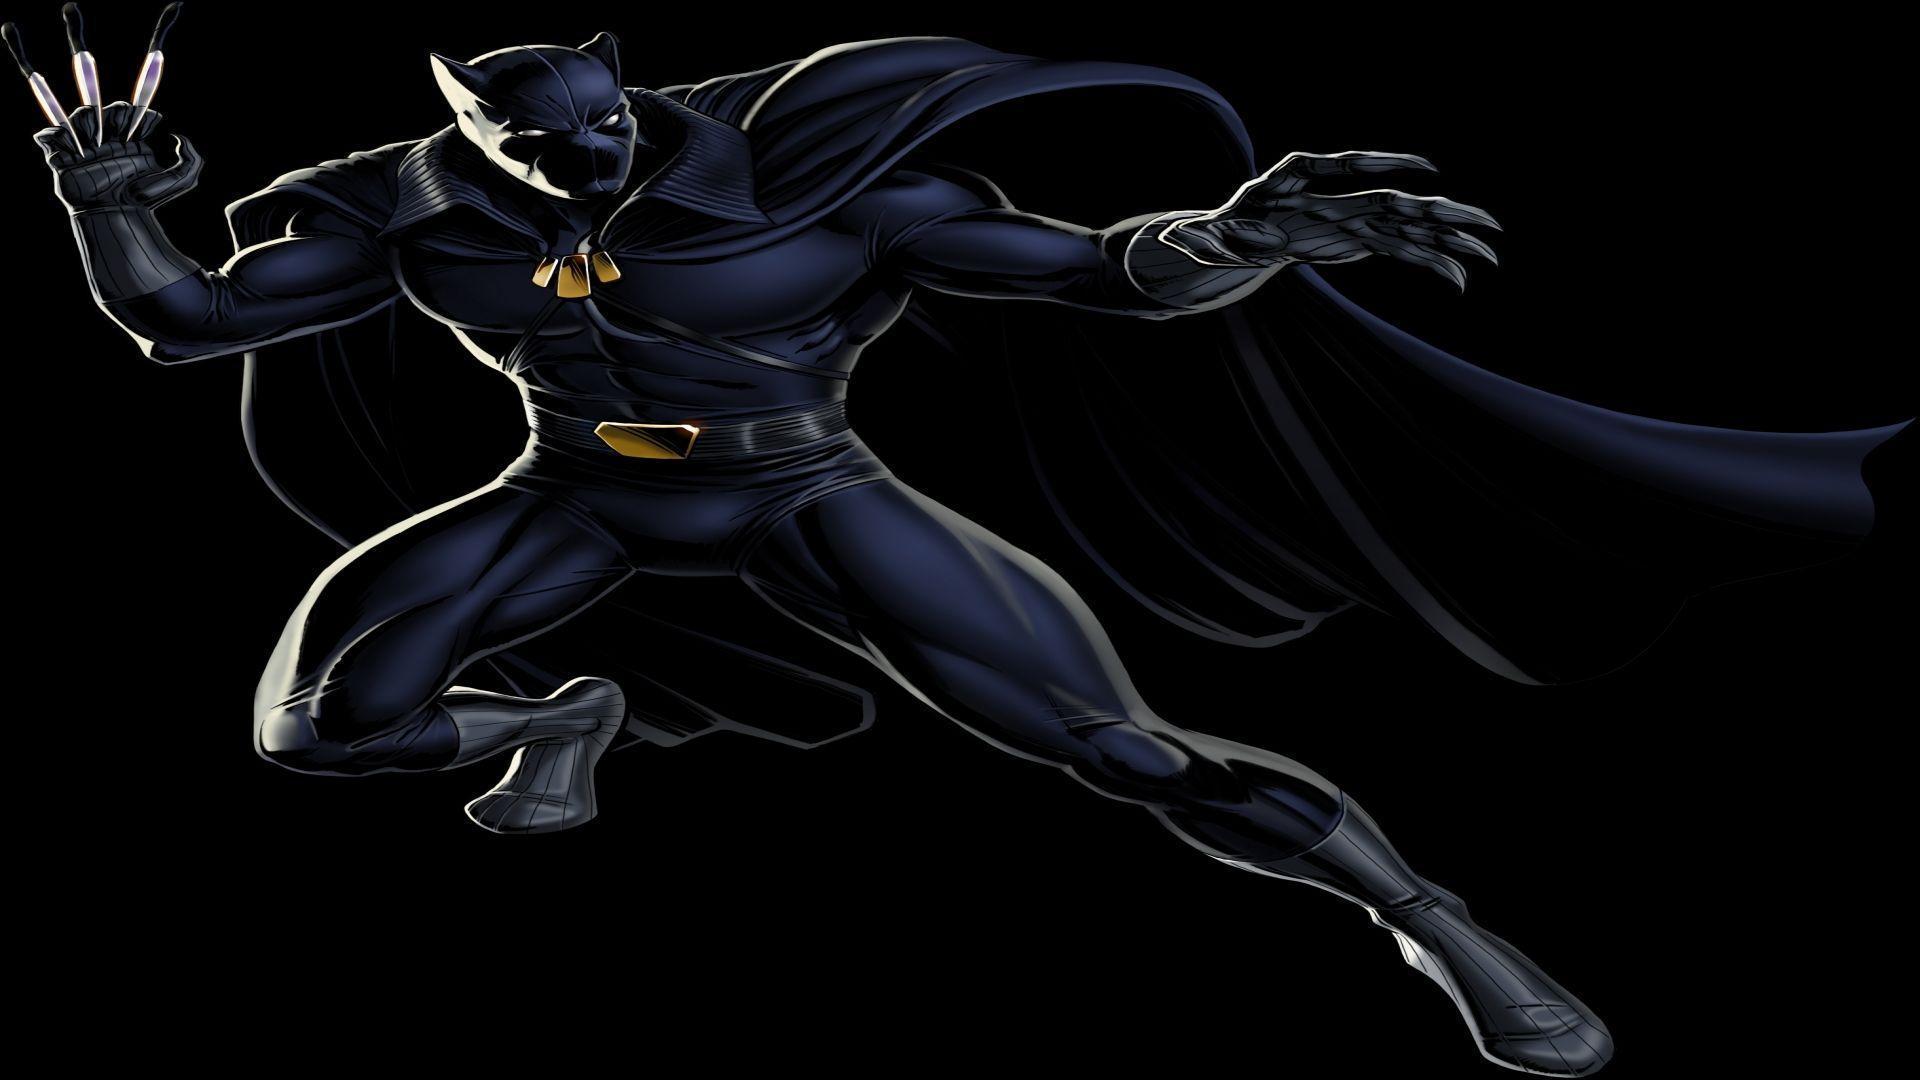 black panther wallpaper hd download